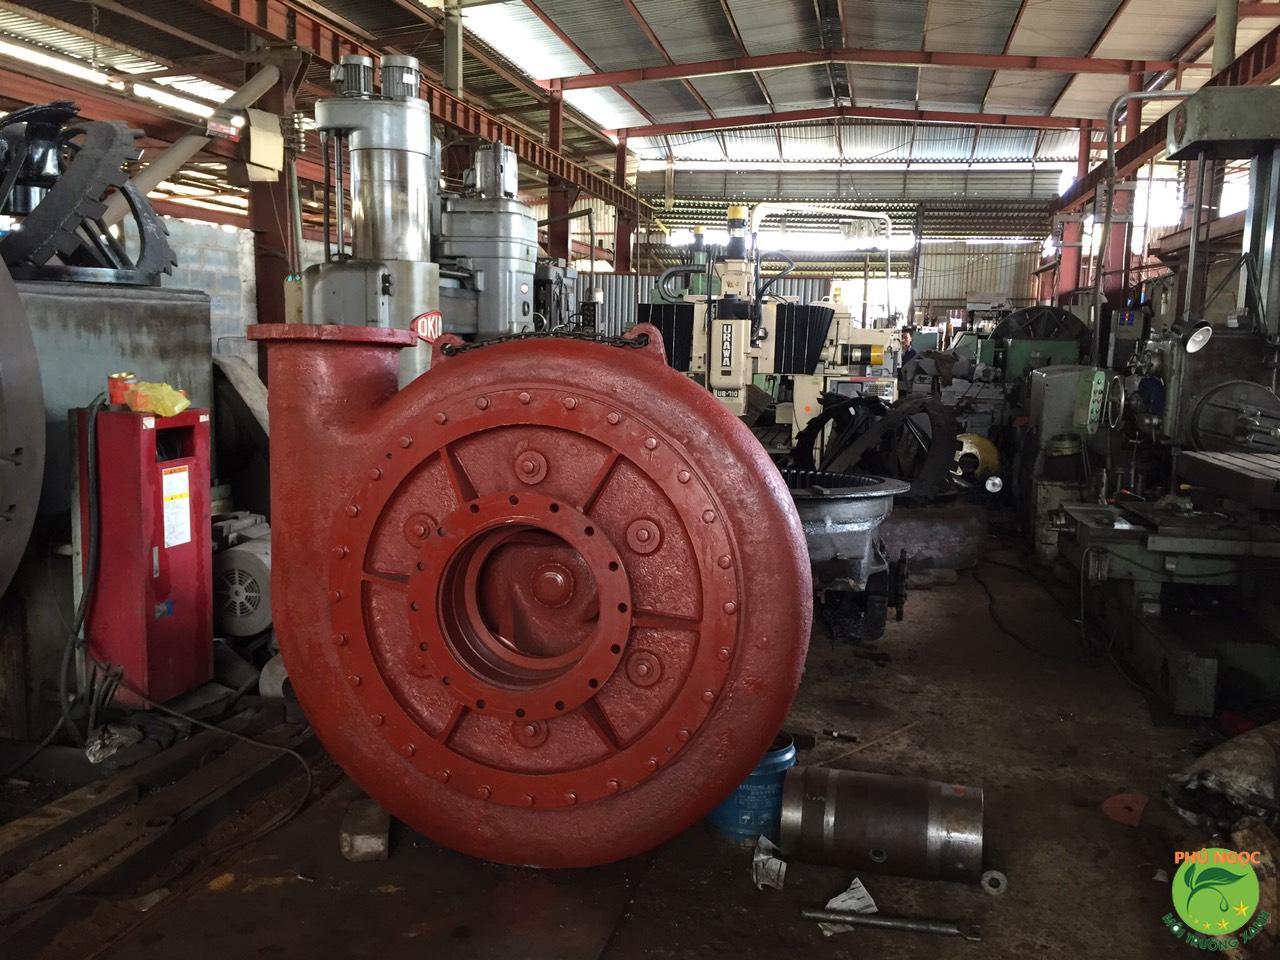 Không dễ để có thể chọn được máy hút bể biogas chất lượng, công suất cao